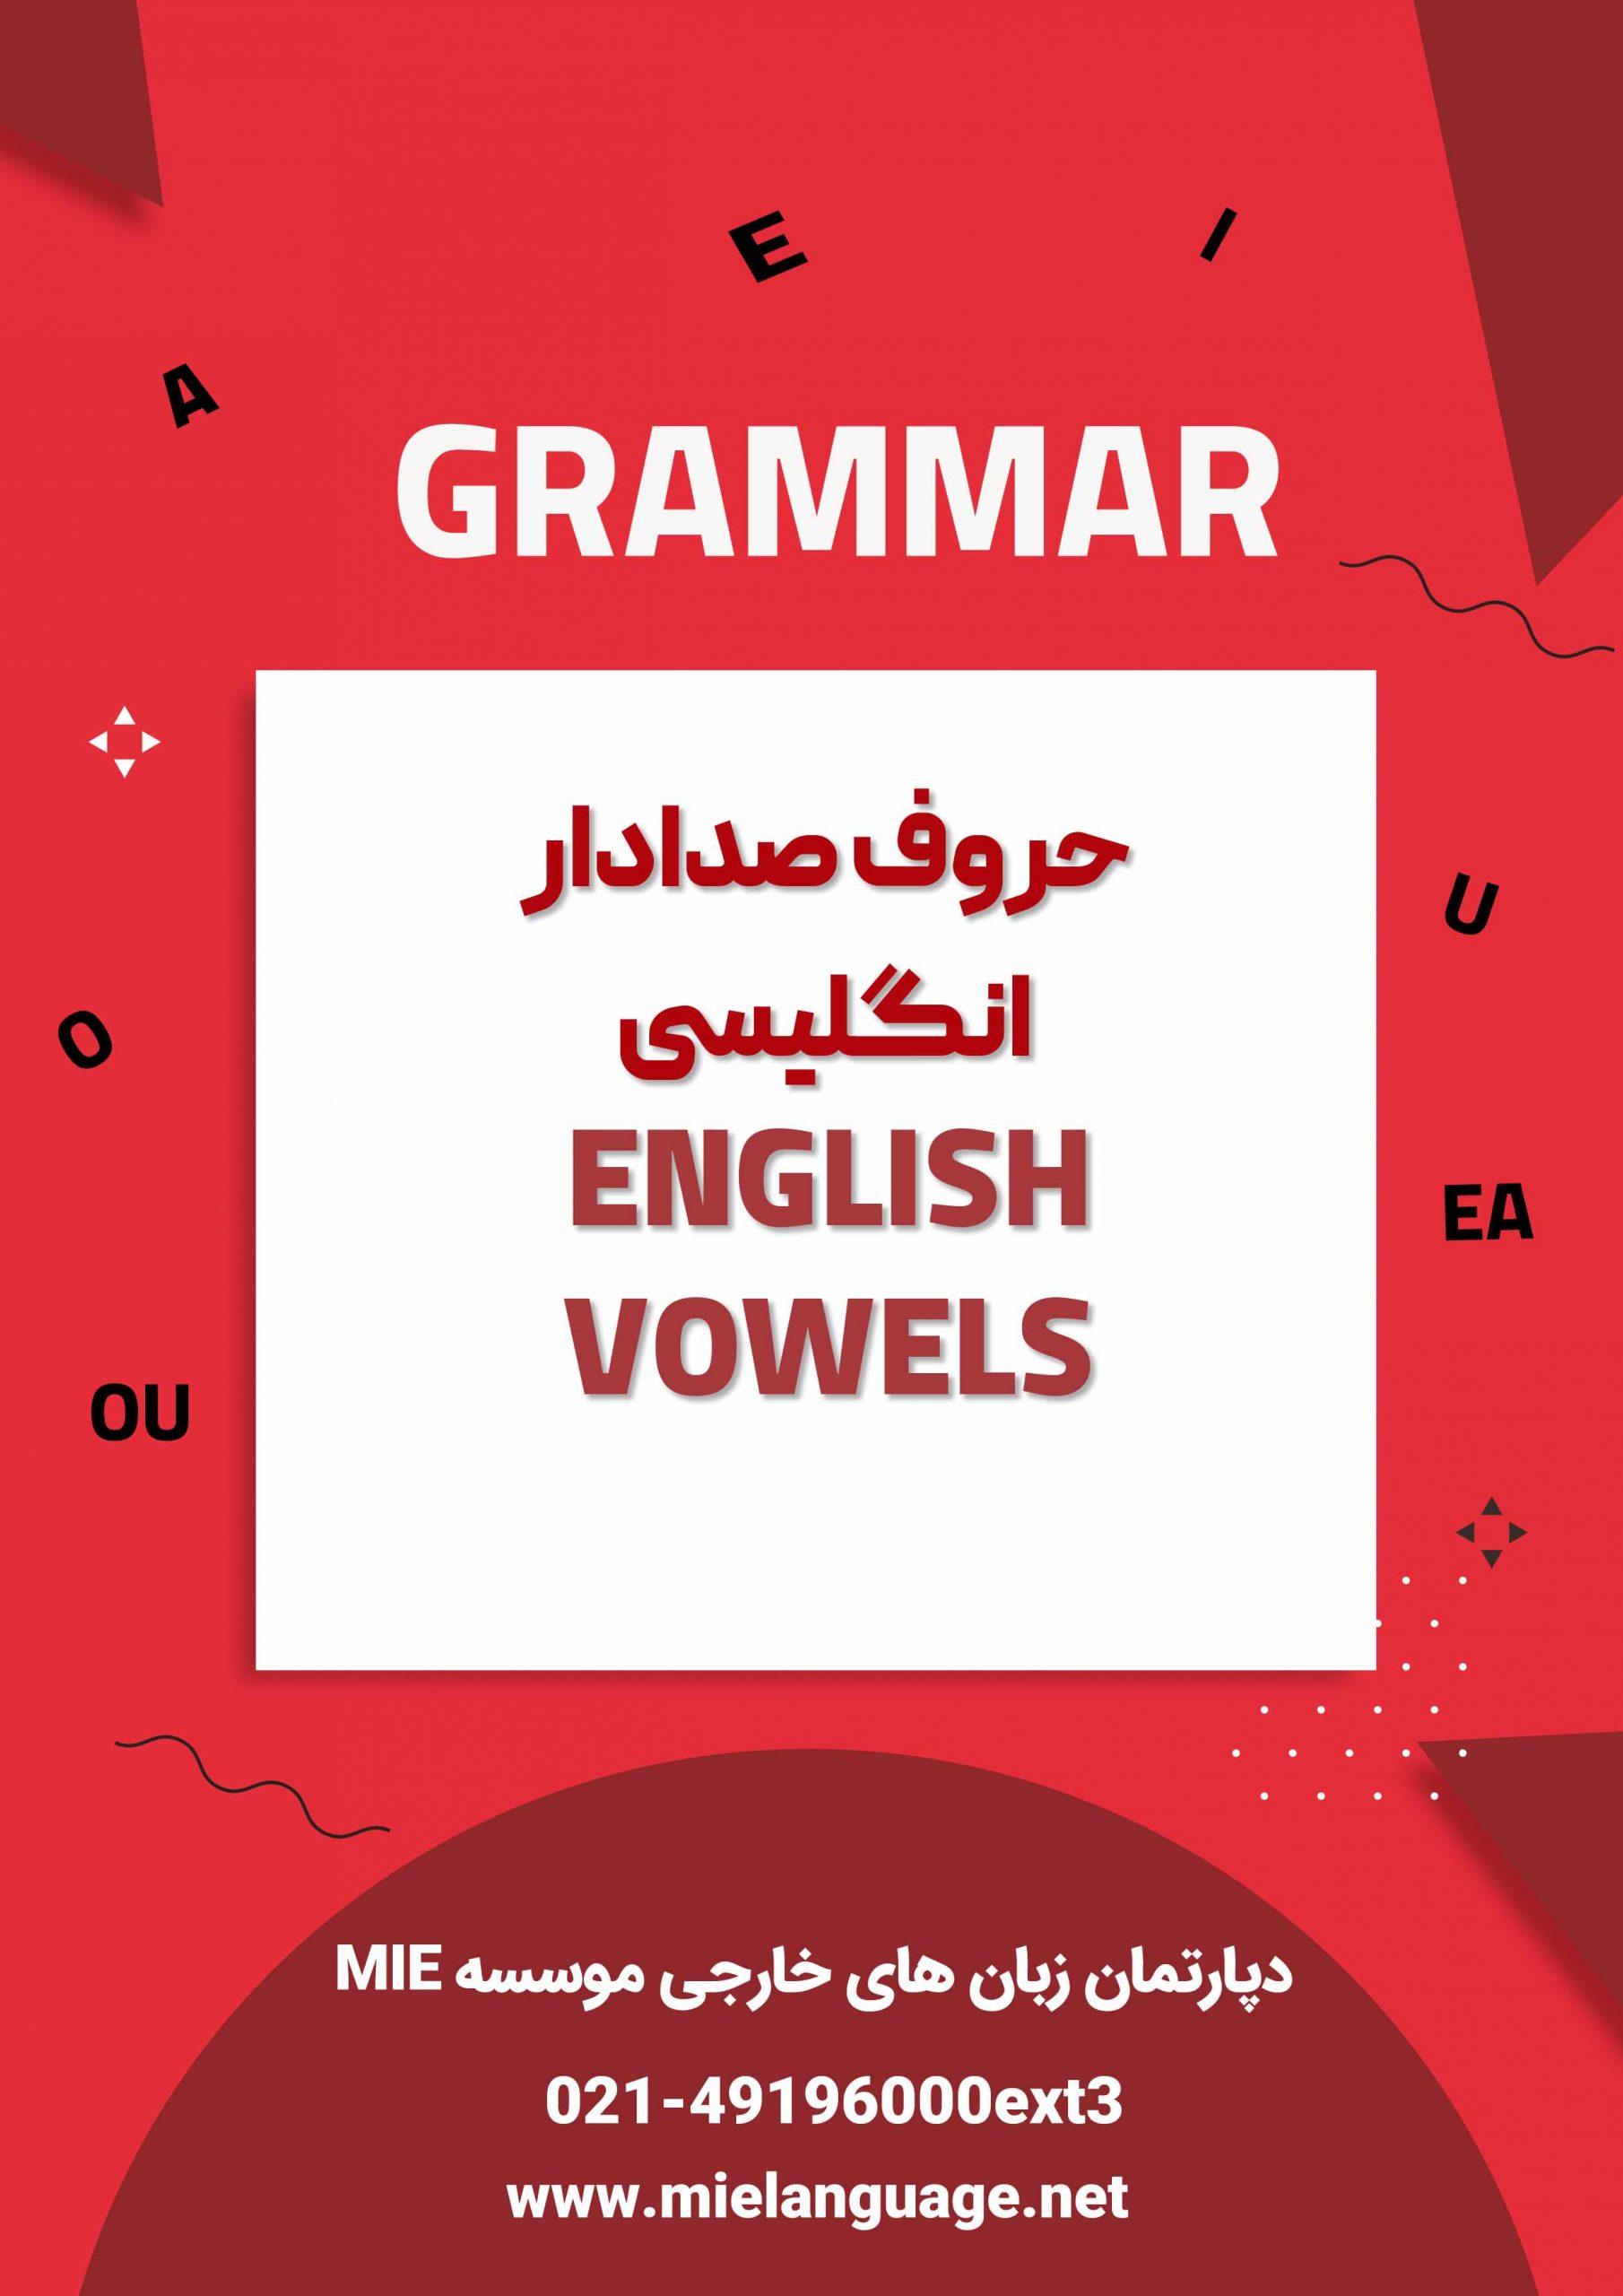 نکات کاربردی صدادار انگلیسی (English vowels)